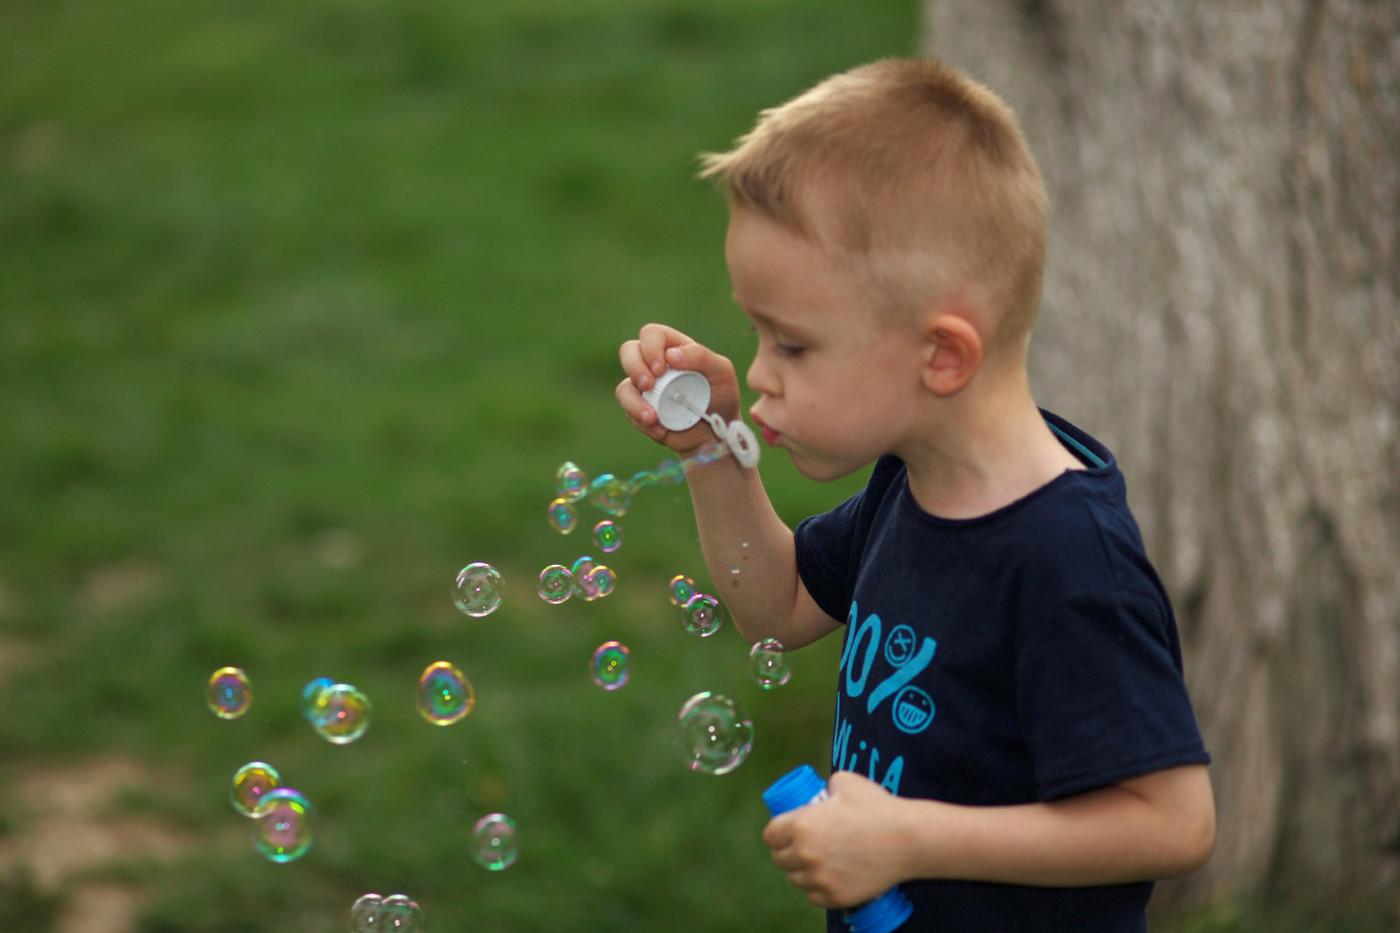 Пузыри из попы фото, Герпес на попе: фото, причины, лечение 4 фотография